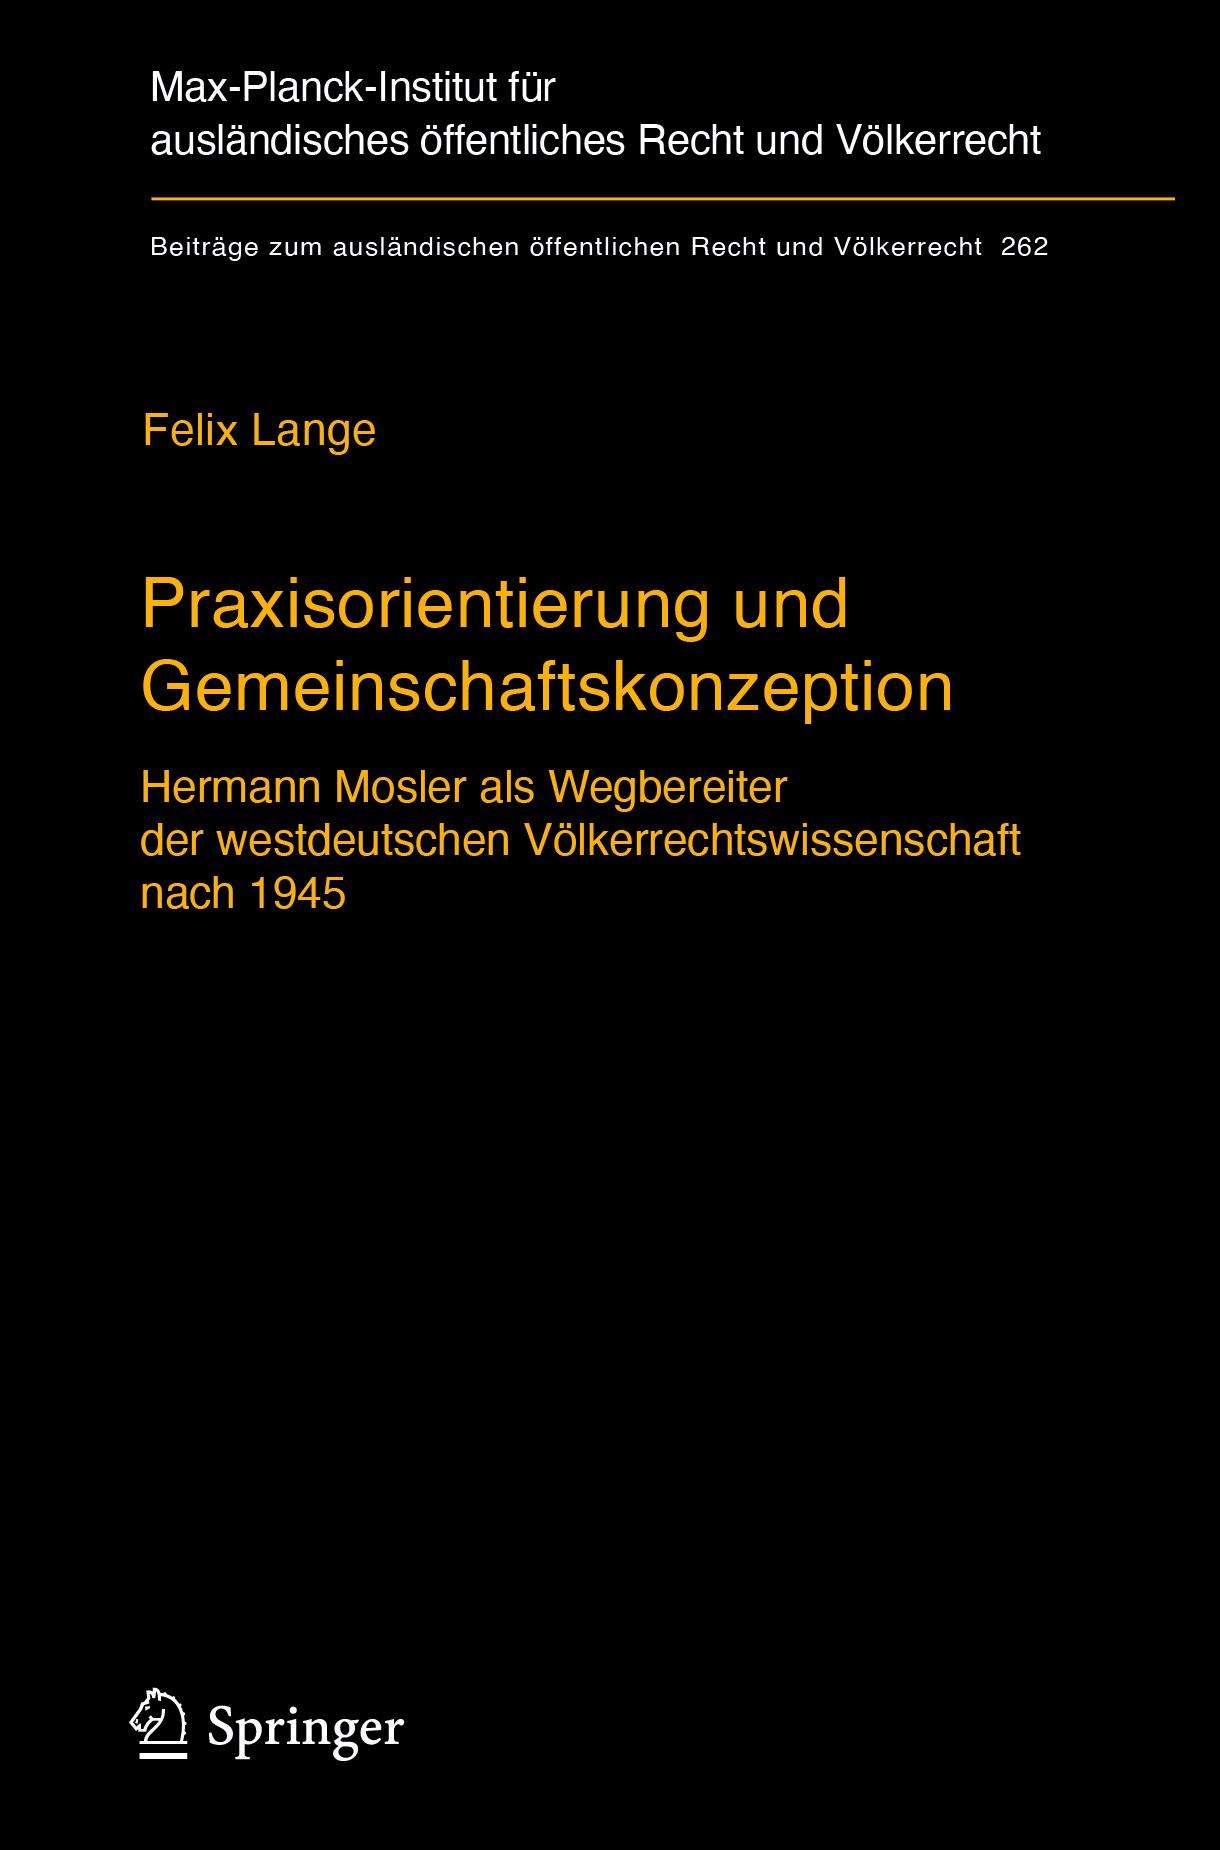 Lange, Felix - Praxisorientierung und Gemeinschaftskonzeption, ebook